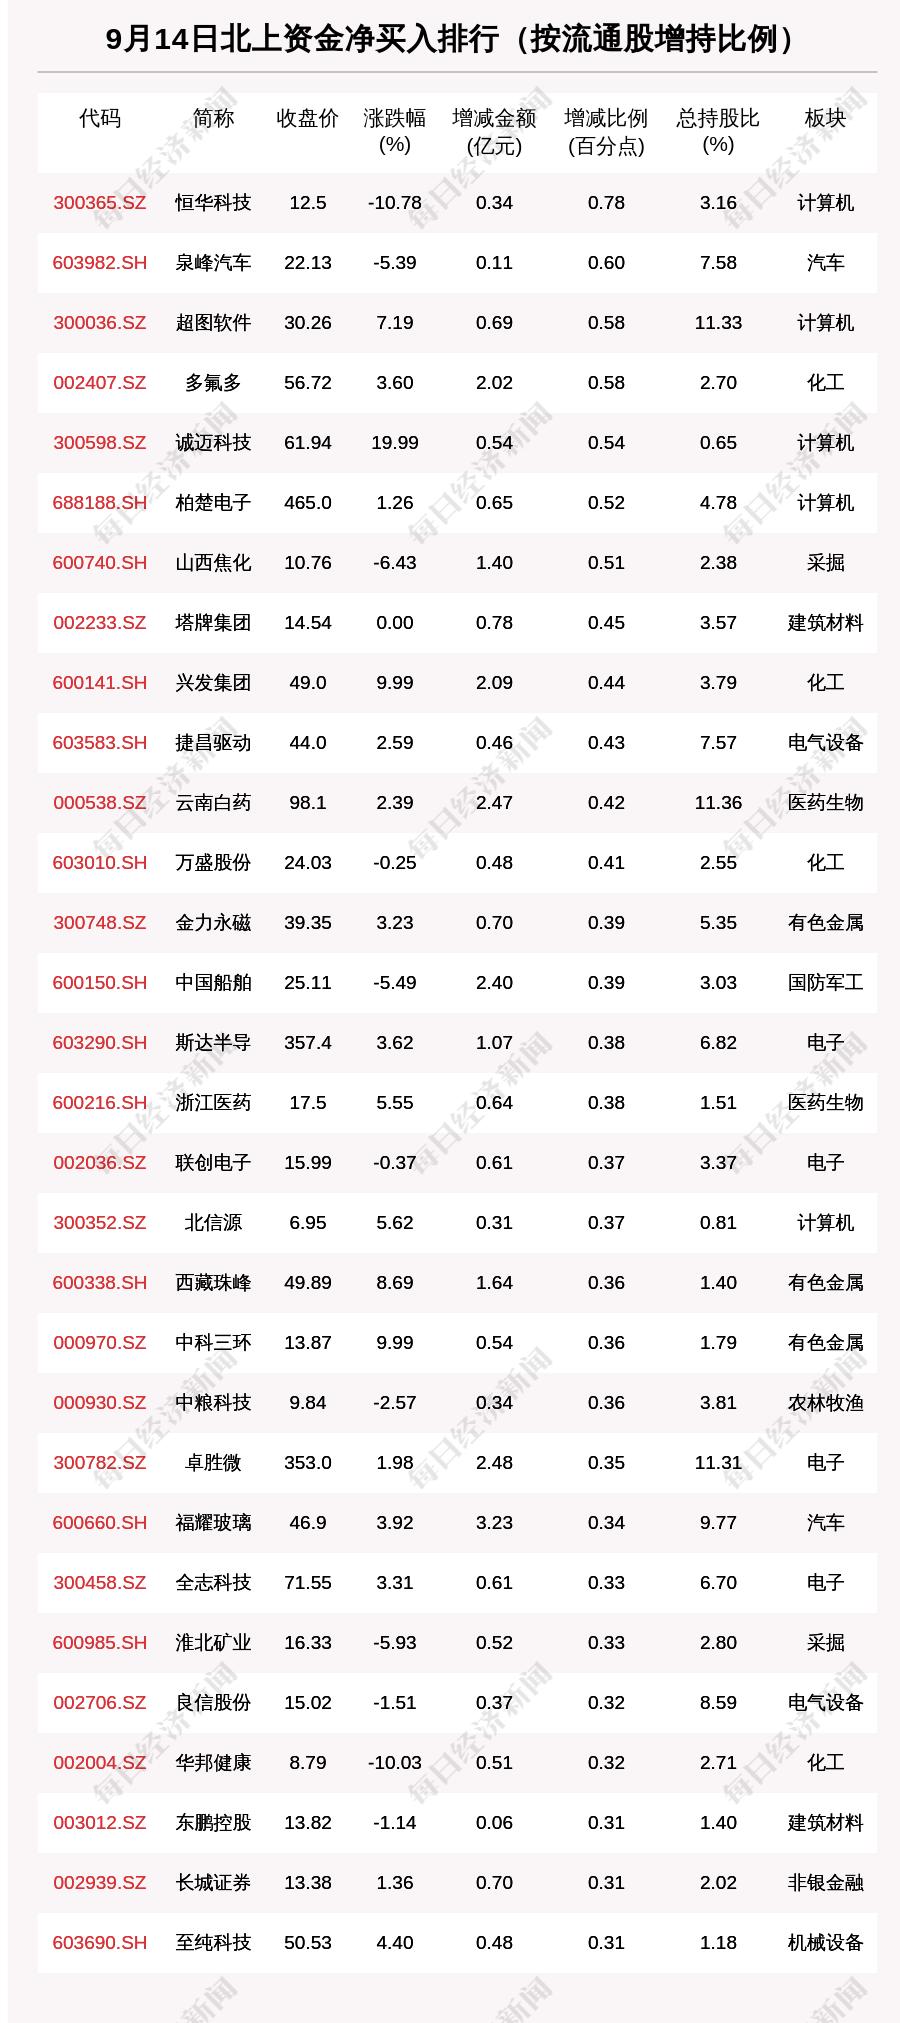 """""""北向资金动向曝光:9月14日这30只个股被猛烈扫货(附名单)"""